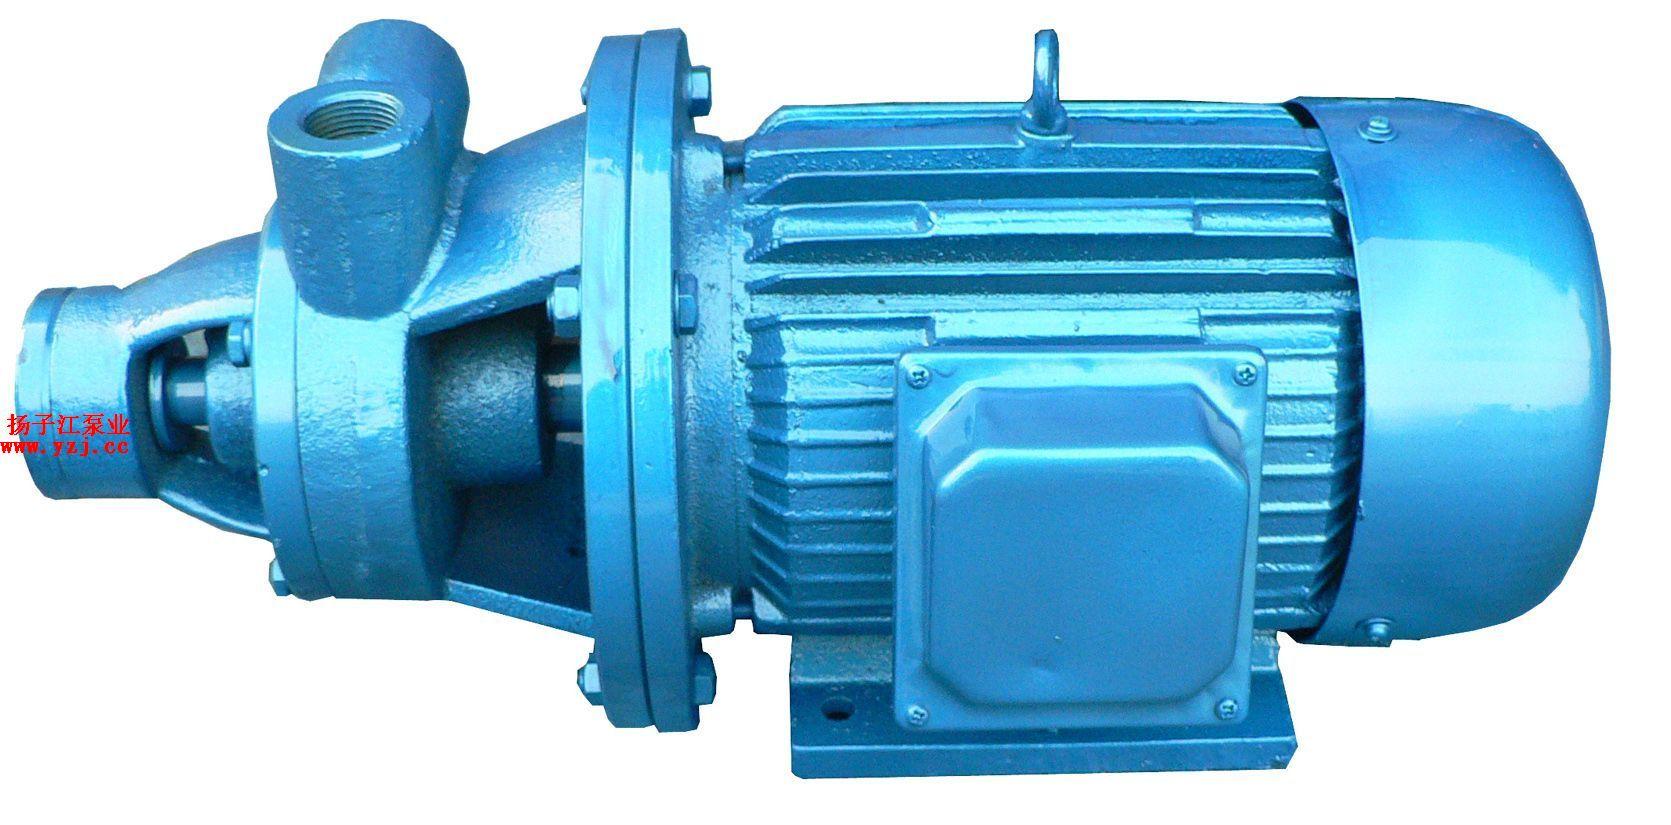 漩涡泵:1W型单级漩涡泵